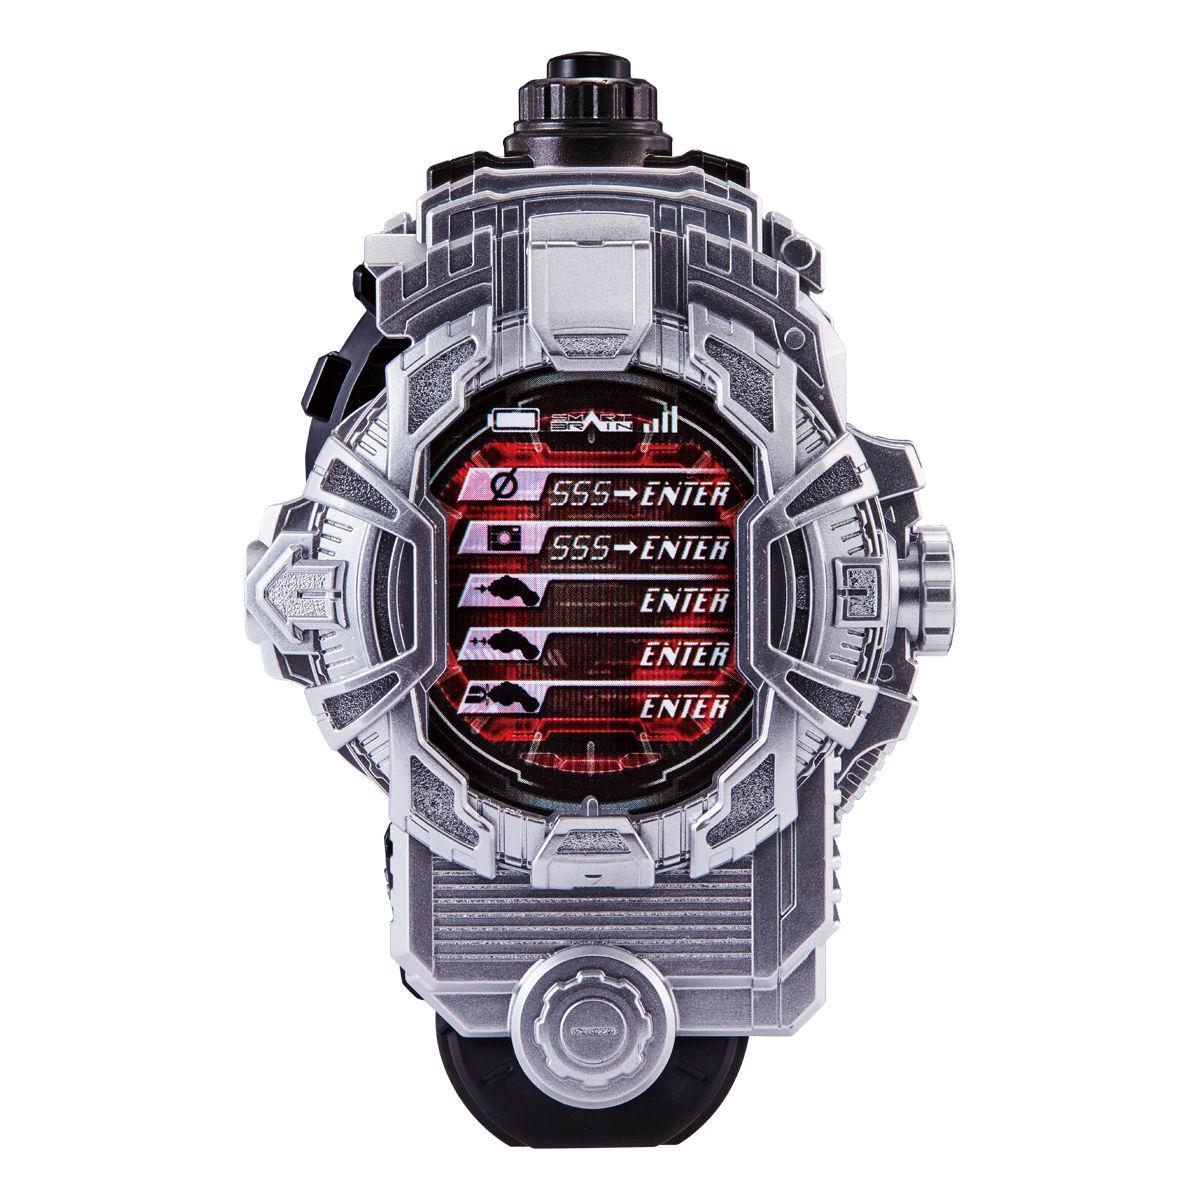 ライドガジェットシリーズ『DXファイズフォンX(テン)』仮面ライダージオウ  変身なりきり-002